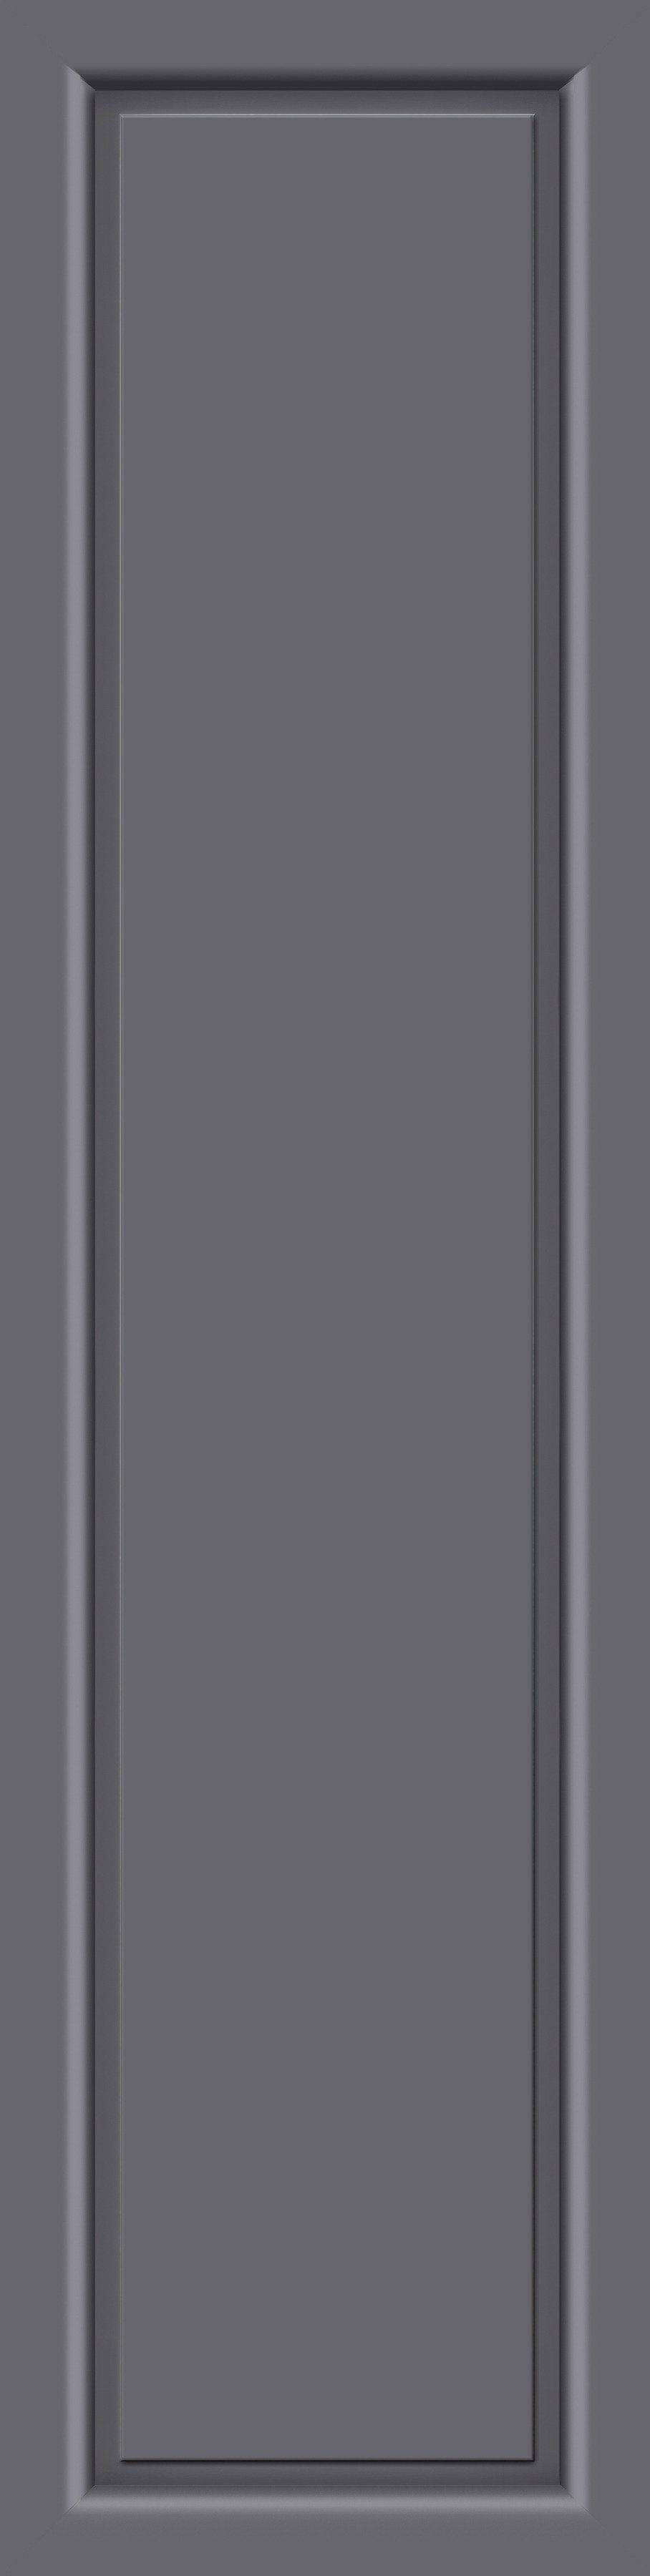 KM MEETH ZAUN GMBH Seitenteile »S04«, für Alu-Haustür, BxH: 50x208 cm, anthrazit